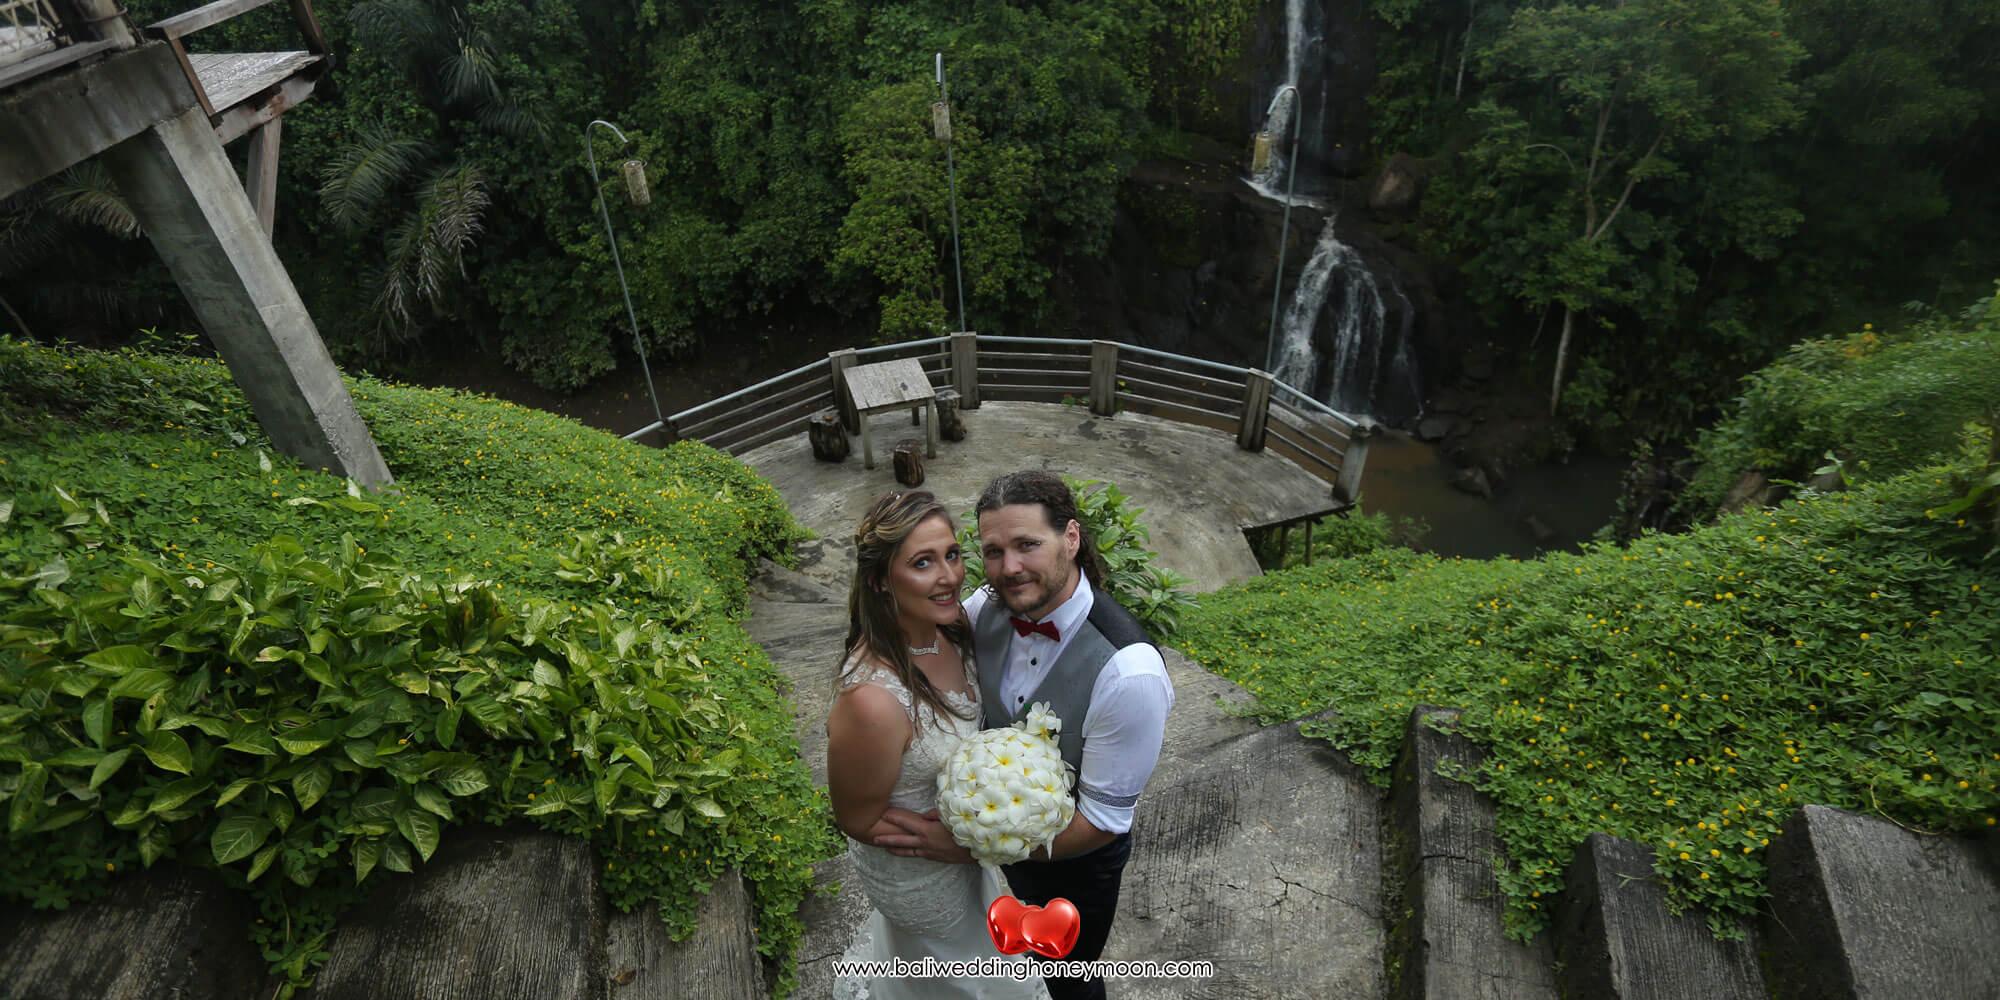 weddingvenuebali-waterfallbaliwedding-baliweddinghoneymoon-baliweddingorganizer-baliweddingplanner-baliweddingpackage-layanawarung3